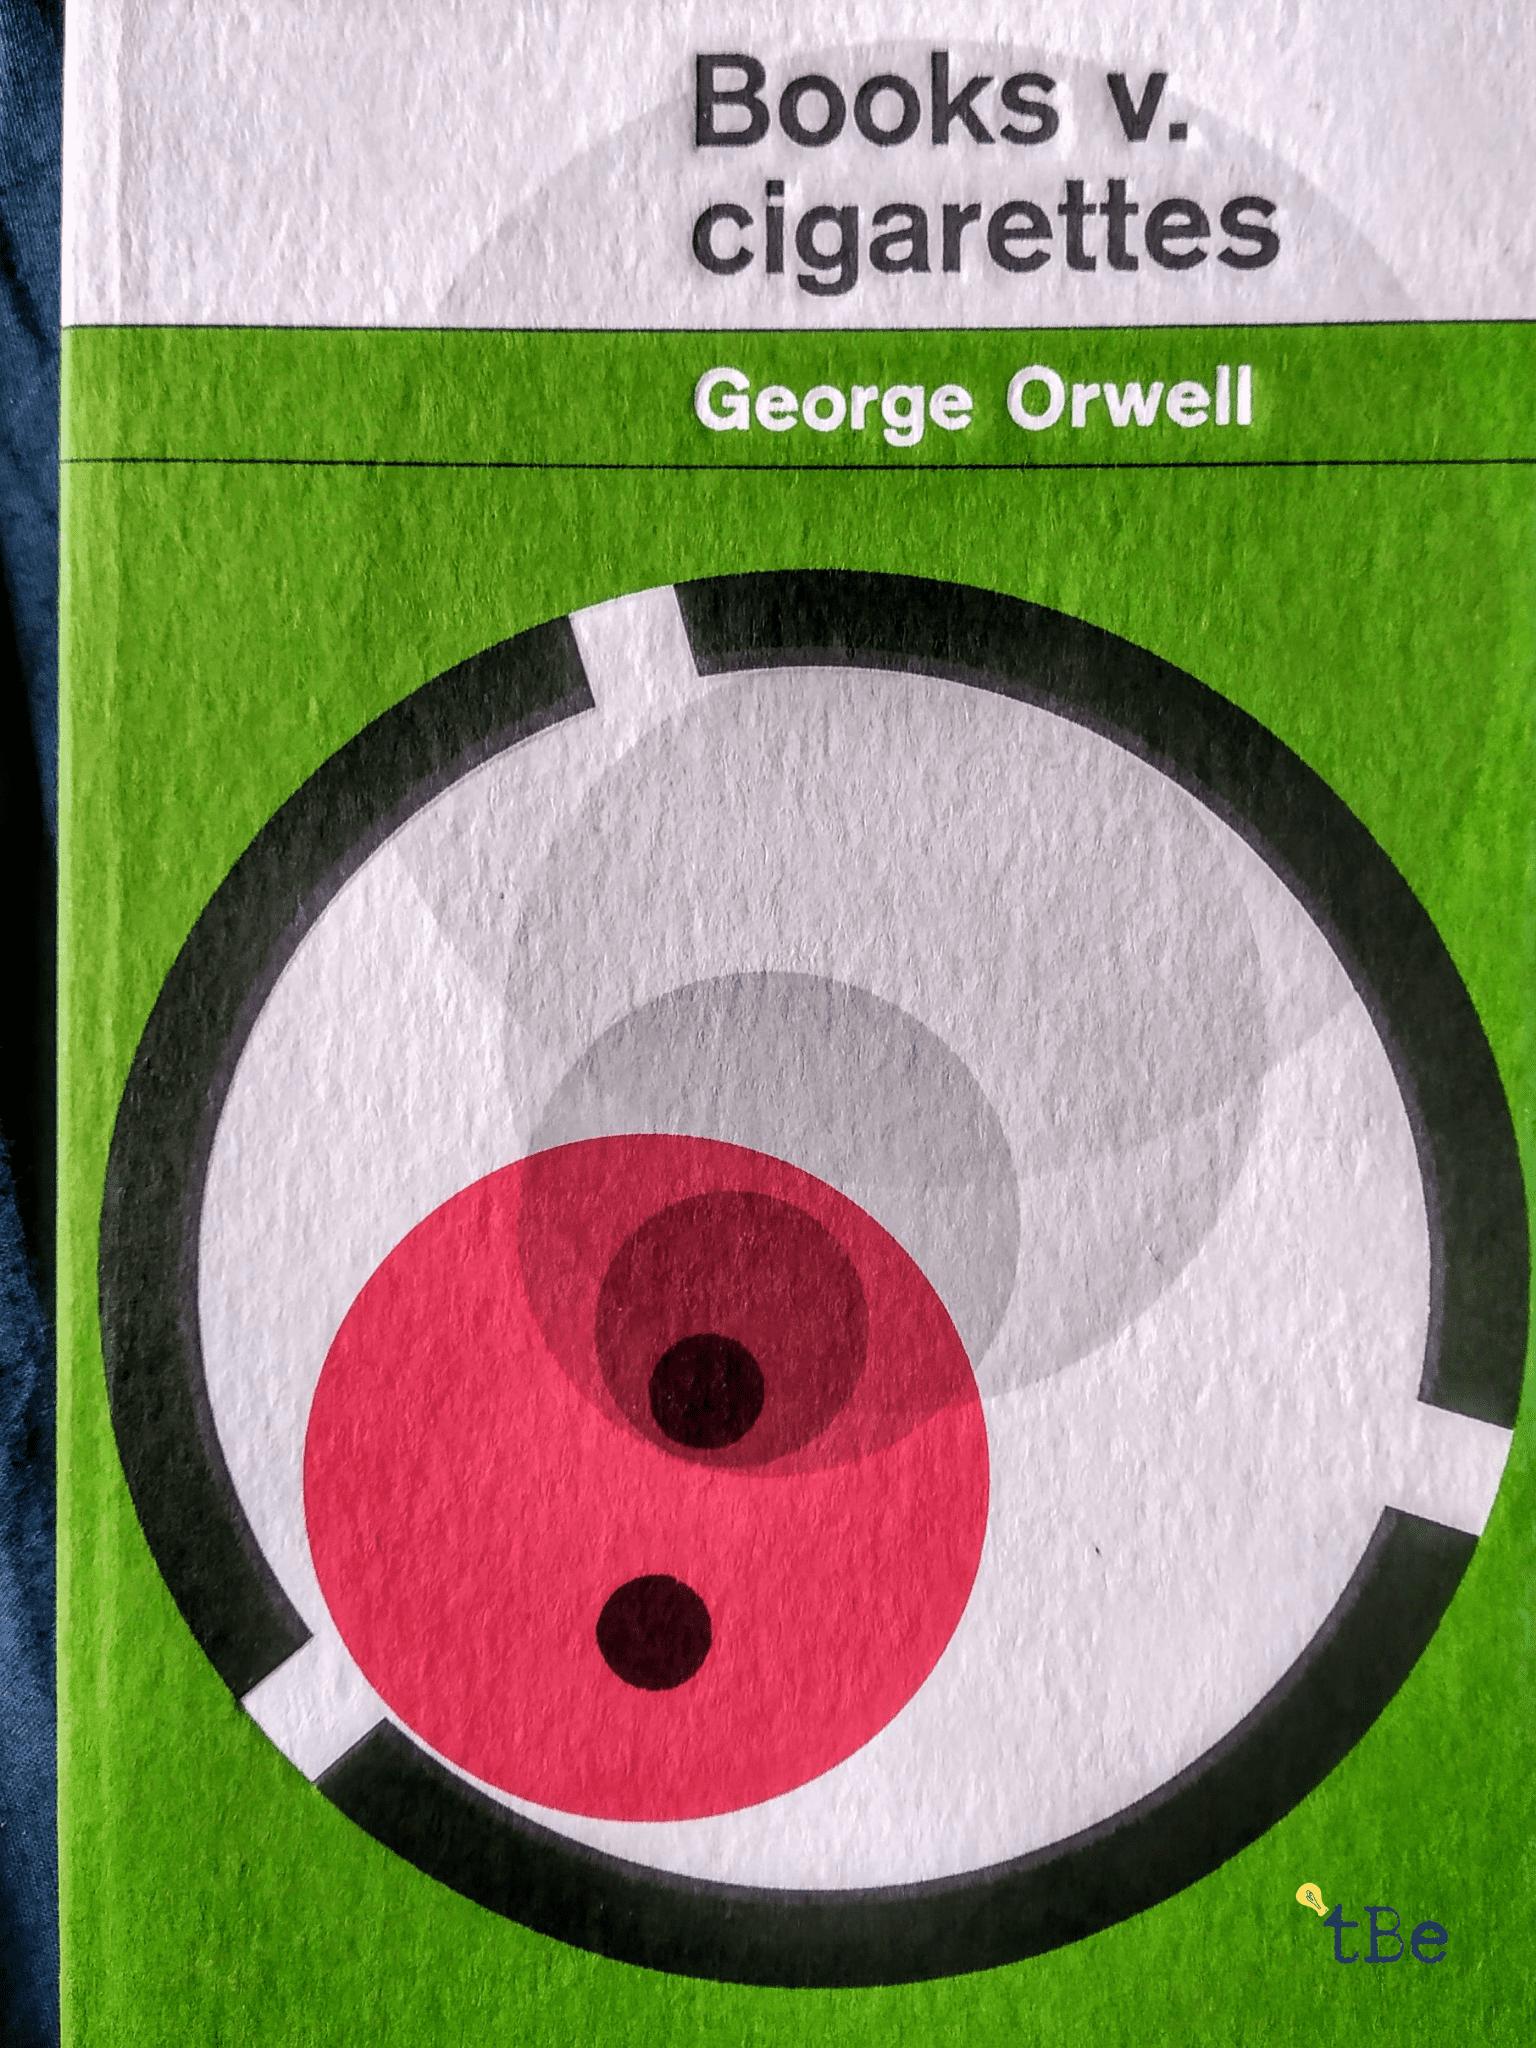 George Orwell Books v. cigarettes immagine principale